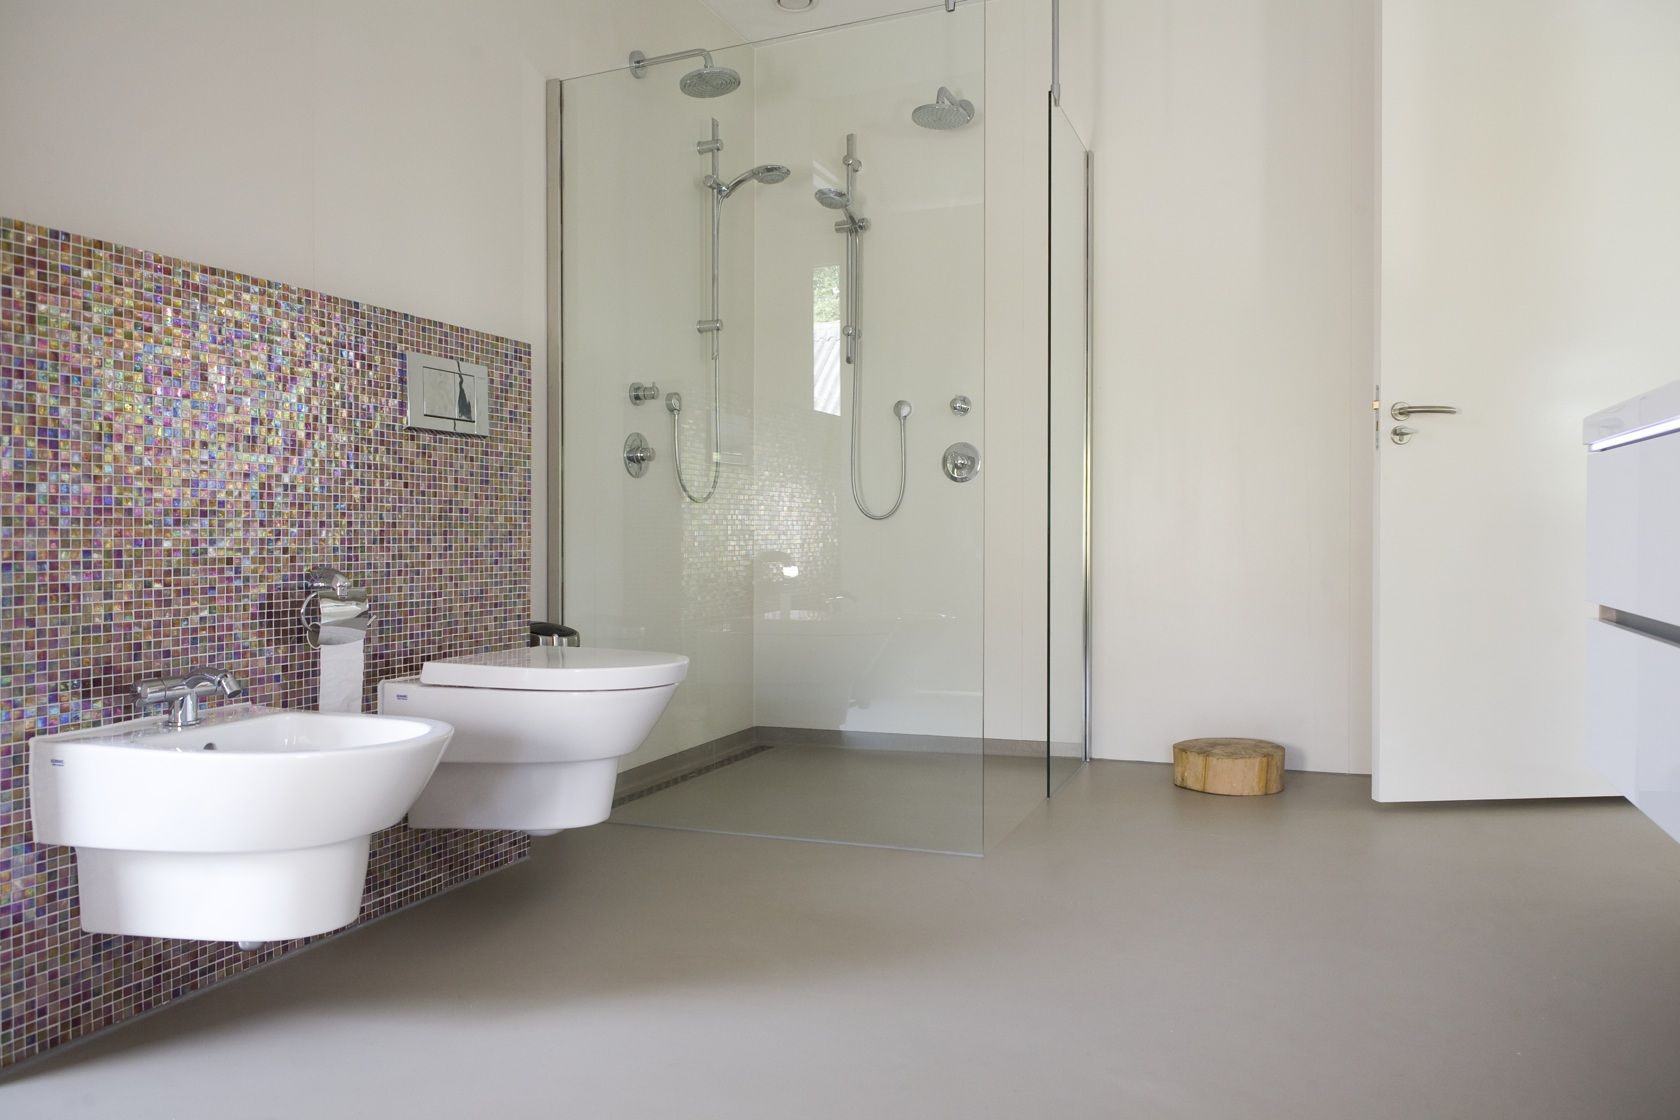 senso gietvloer | gietvloer.nl. gietvloer in badkamer en douche, Badkamer